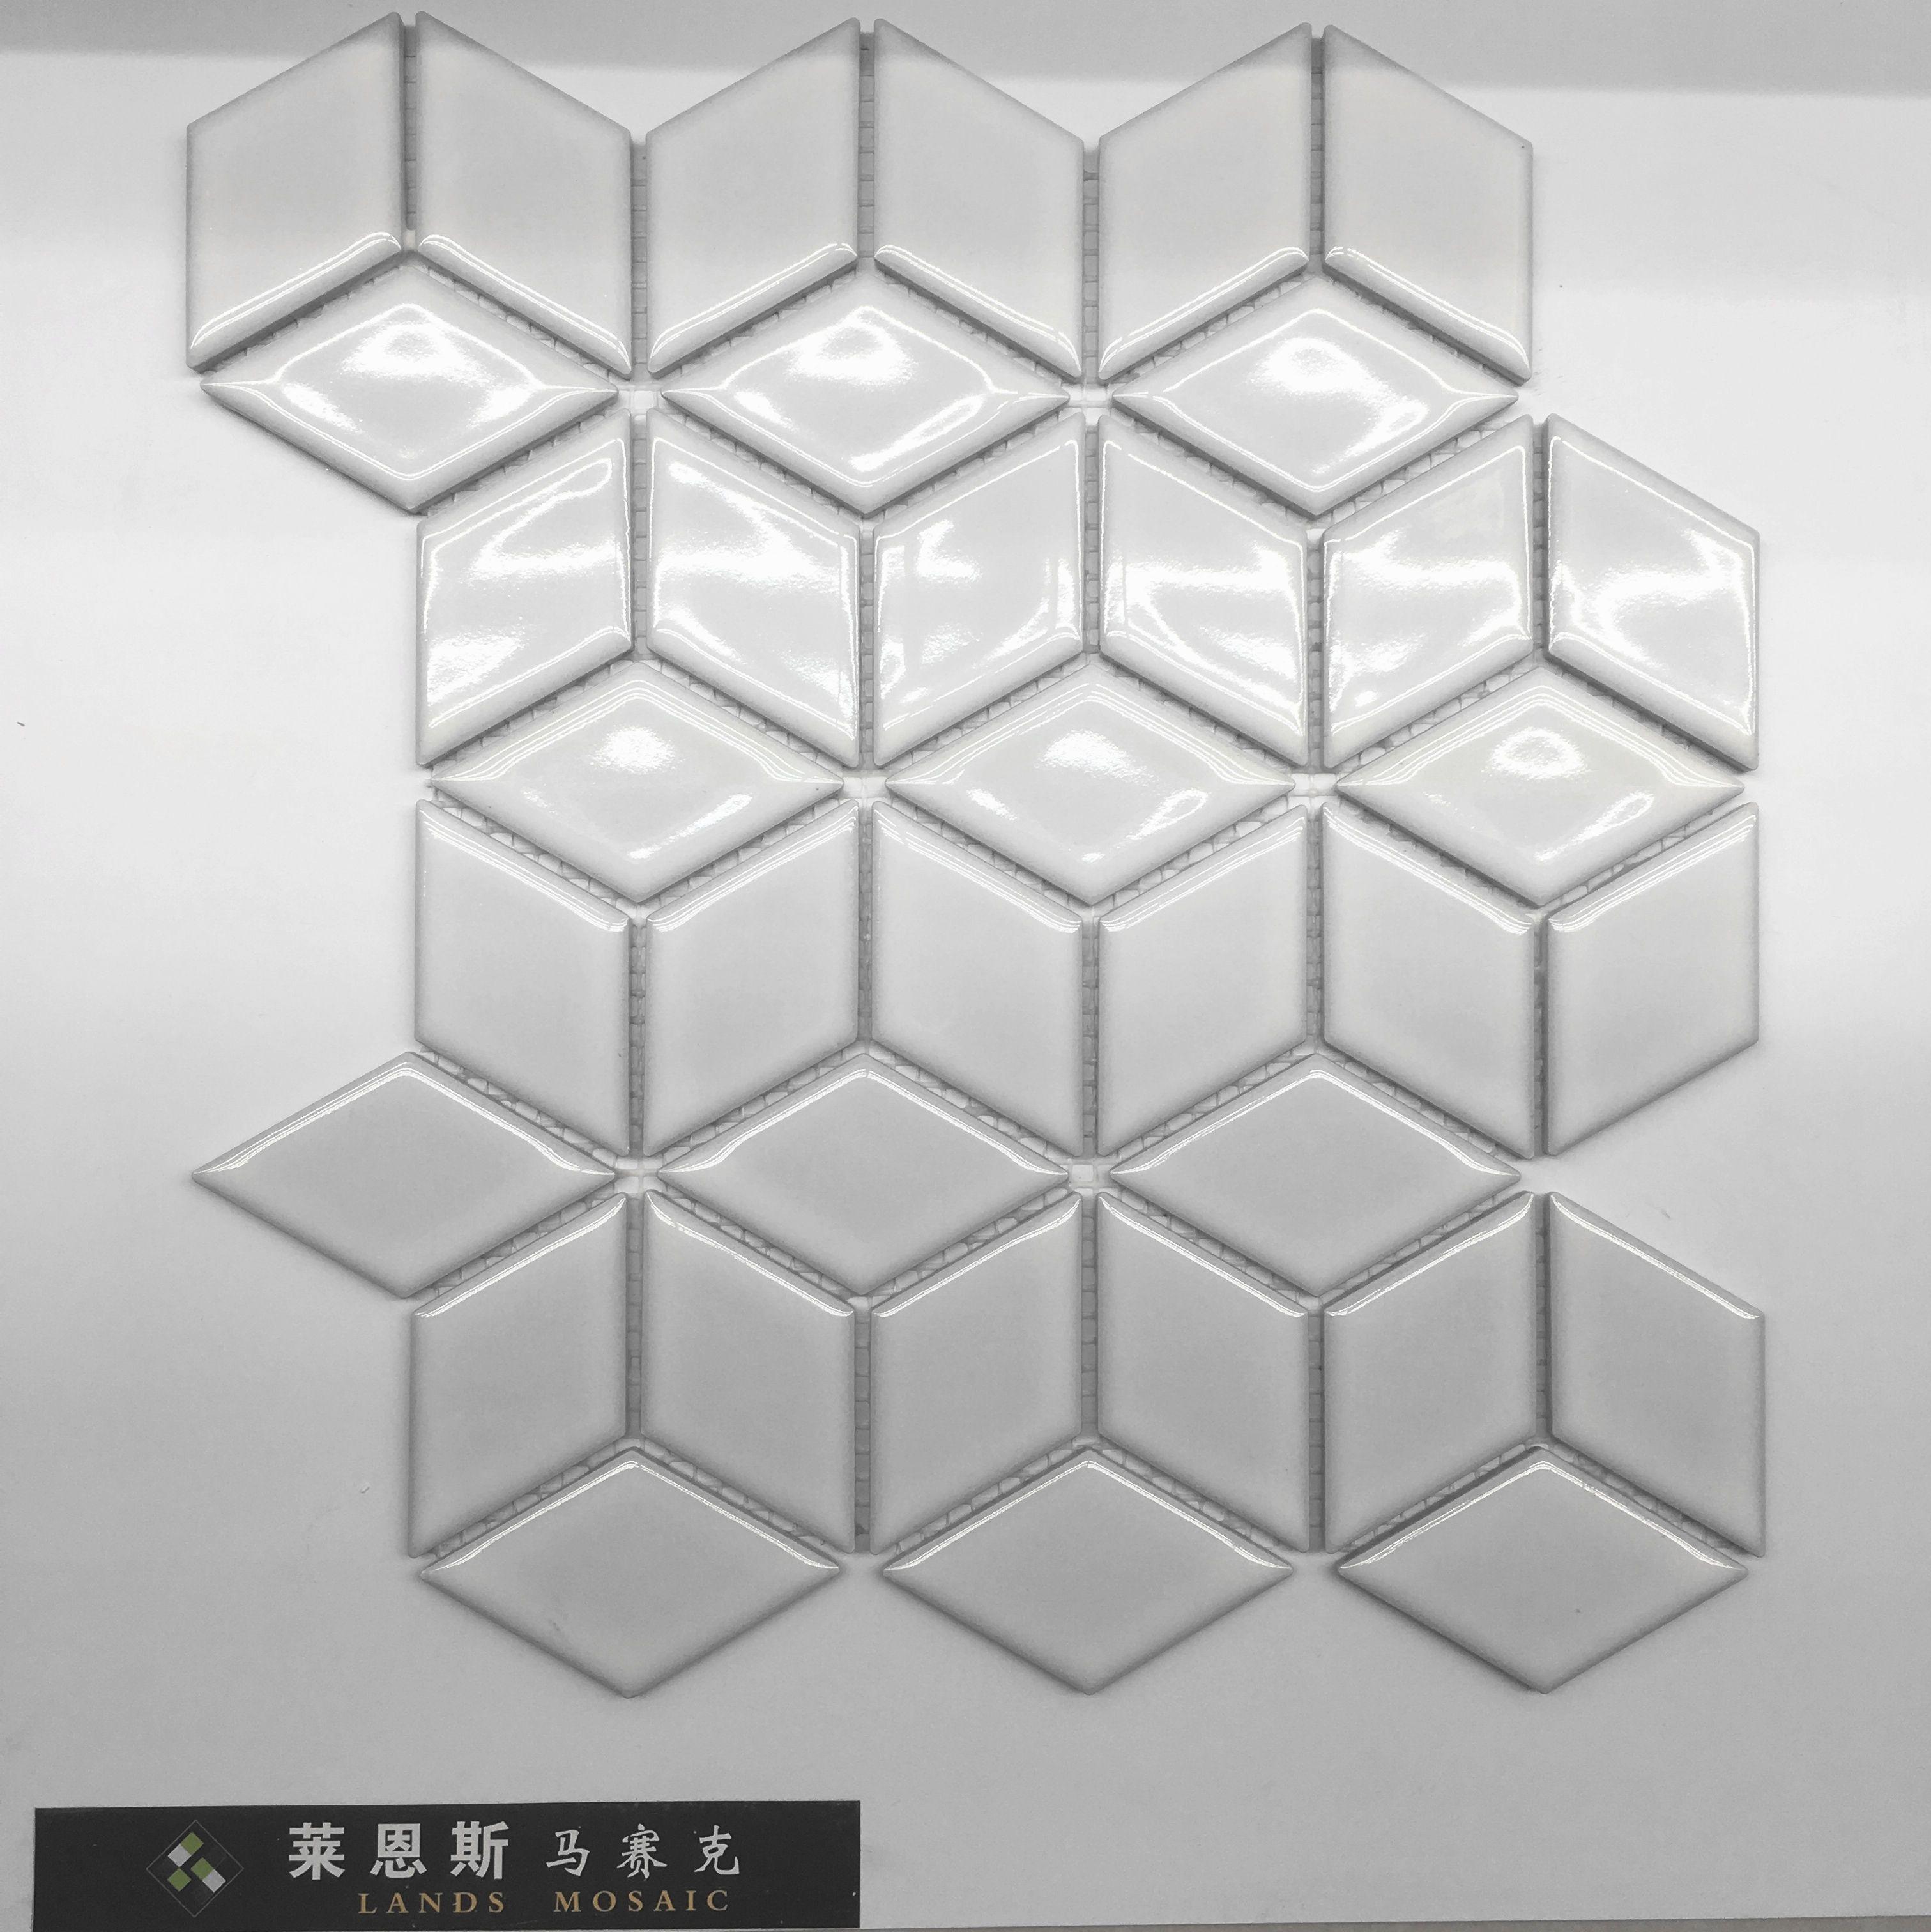 Großhandel 3d Weiß Glänzend Porzellan Mosaikfliesen, Diamant Wand ...